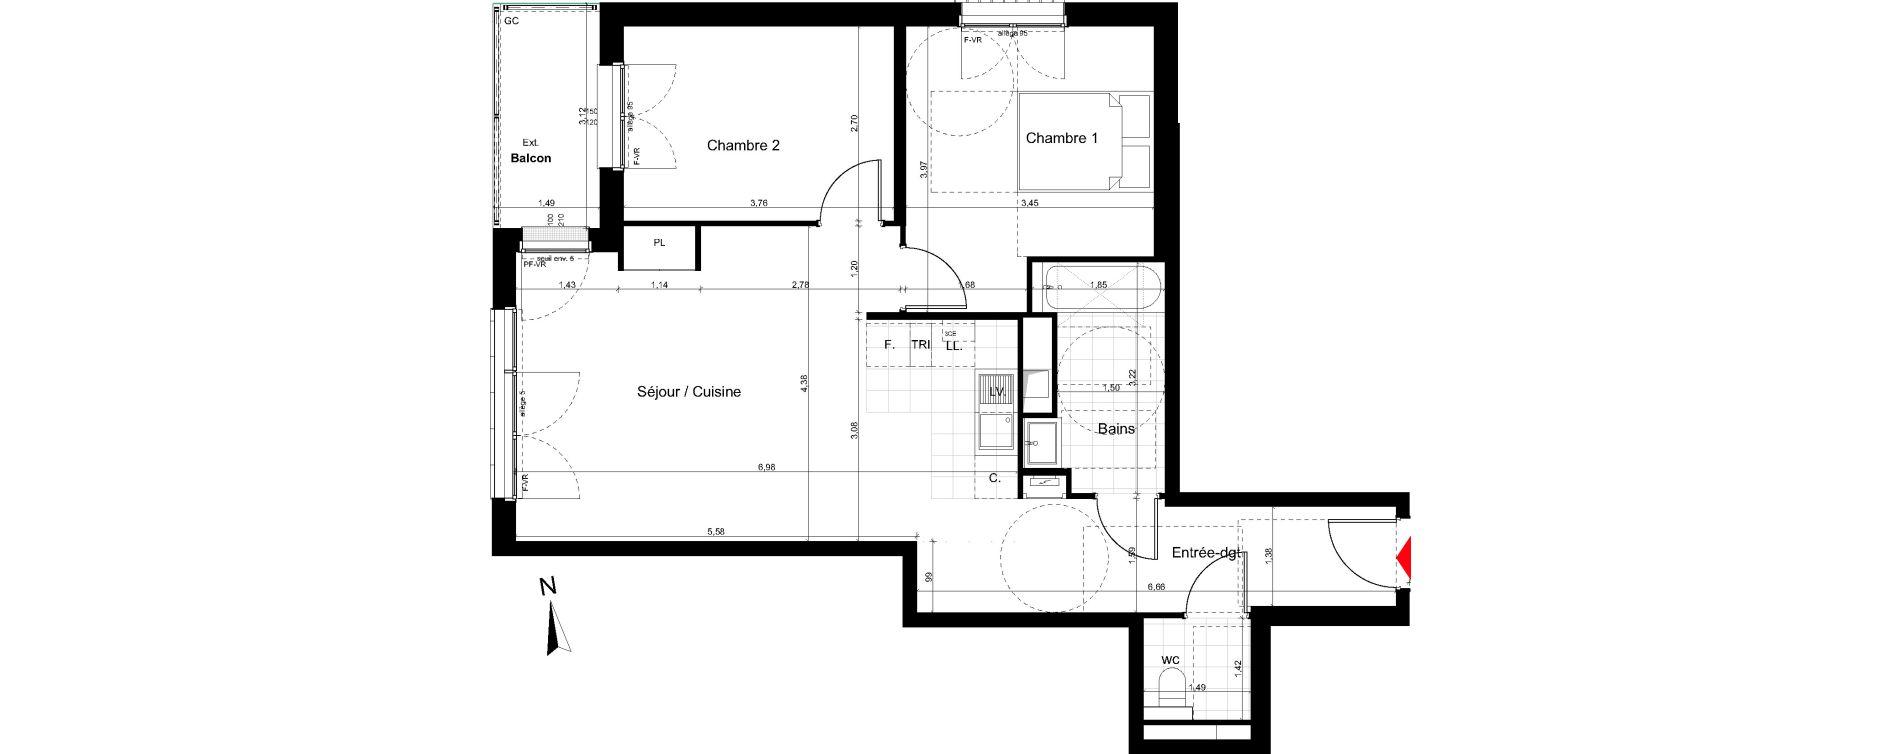 Appartement T3 de 67,14 m2 au Pré-Saint-Gervais Le pre st gervais